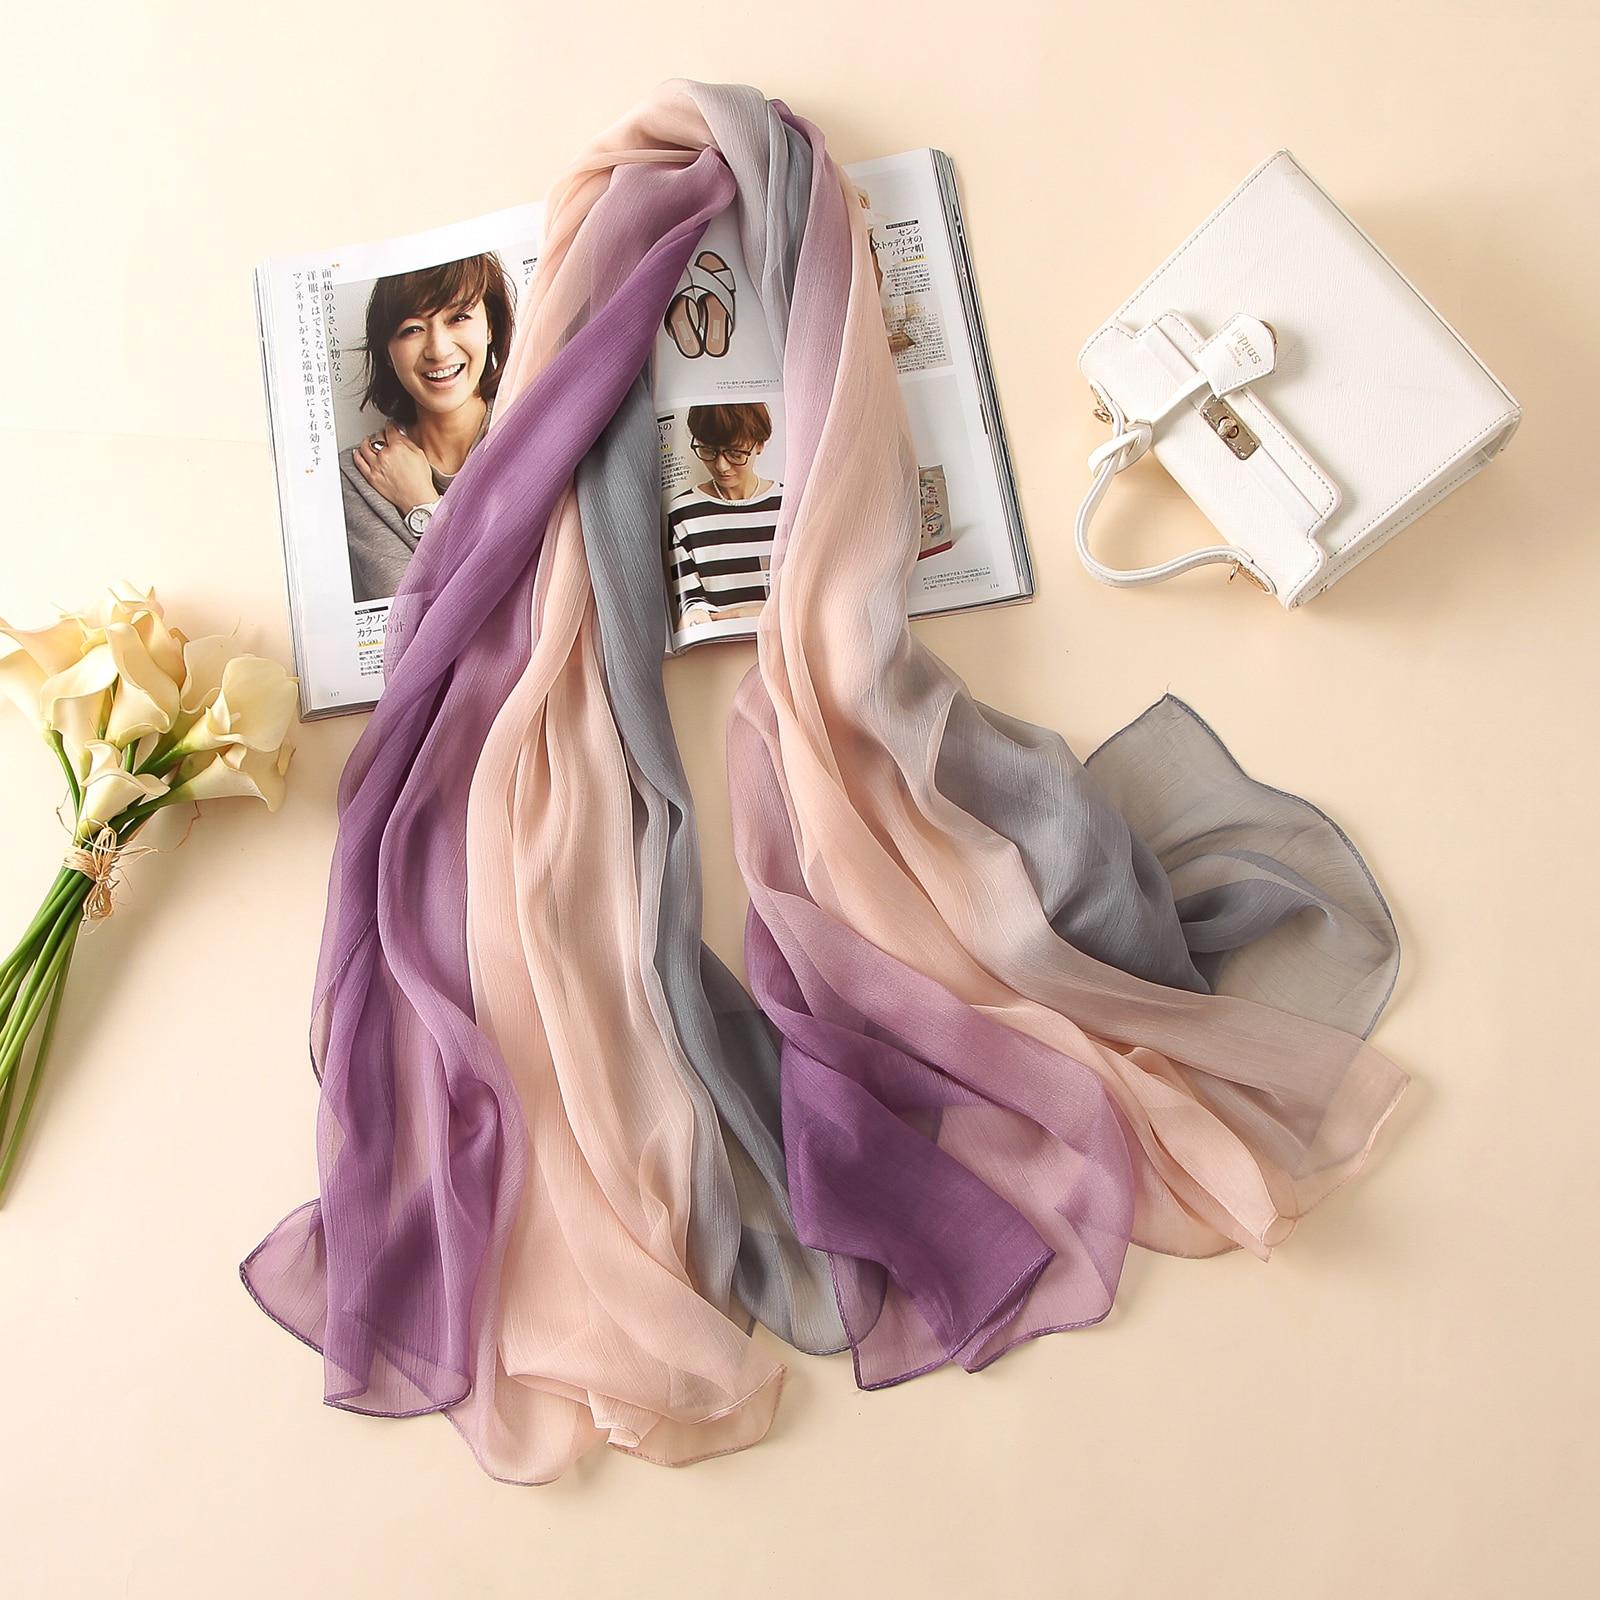 2018 zomer vrouwen sjaal mode zachte Crepon snoep kleur zijden sjaals en pashmina lady caps vrouwelijke bandana grote Foulard